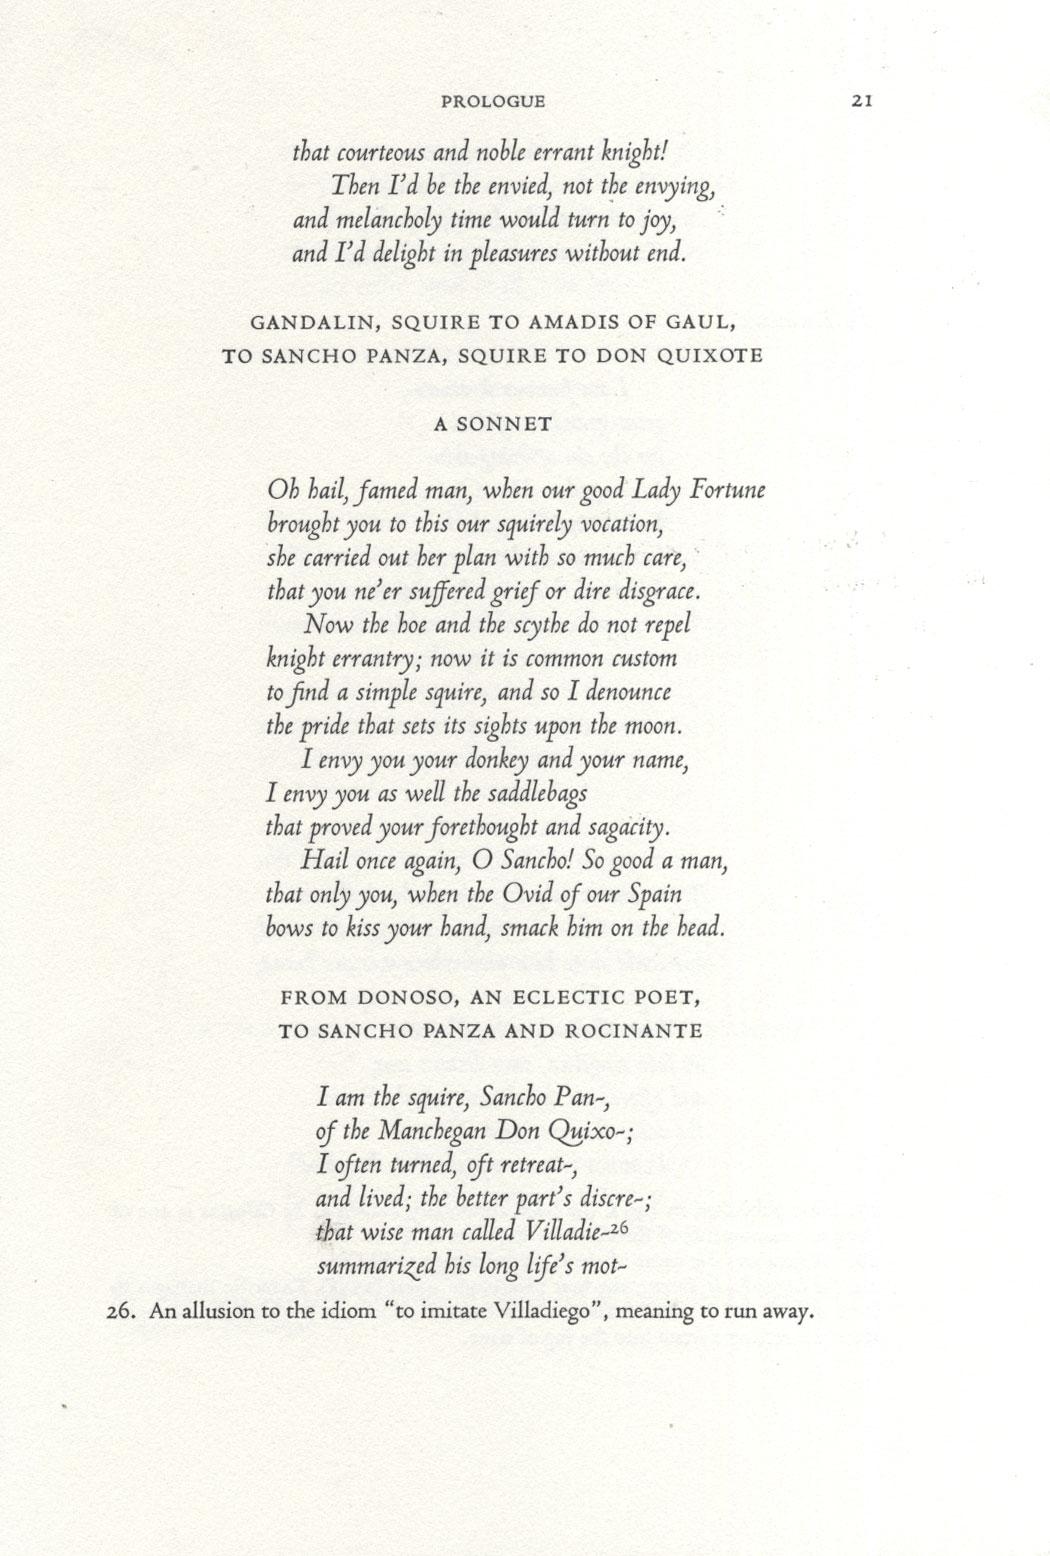 p.-21.sonnets.jpg